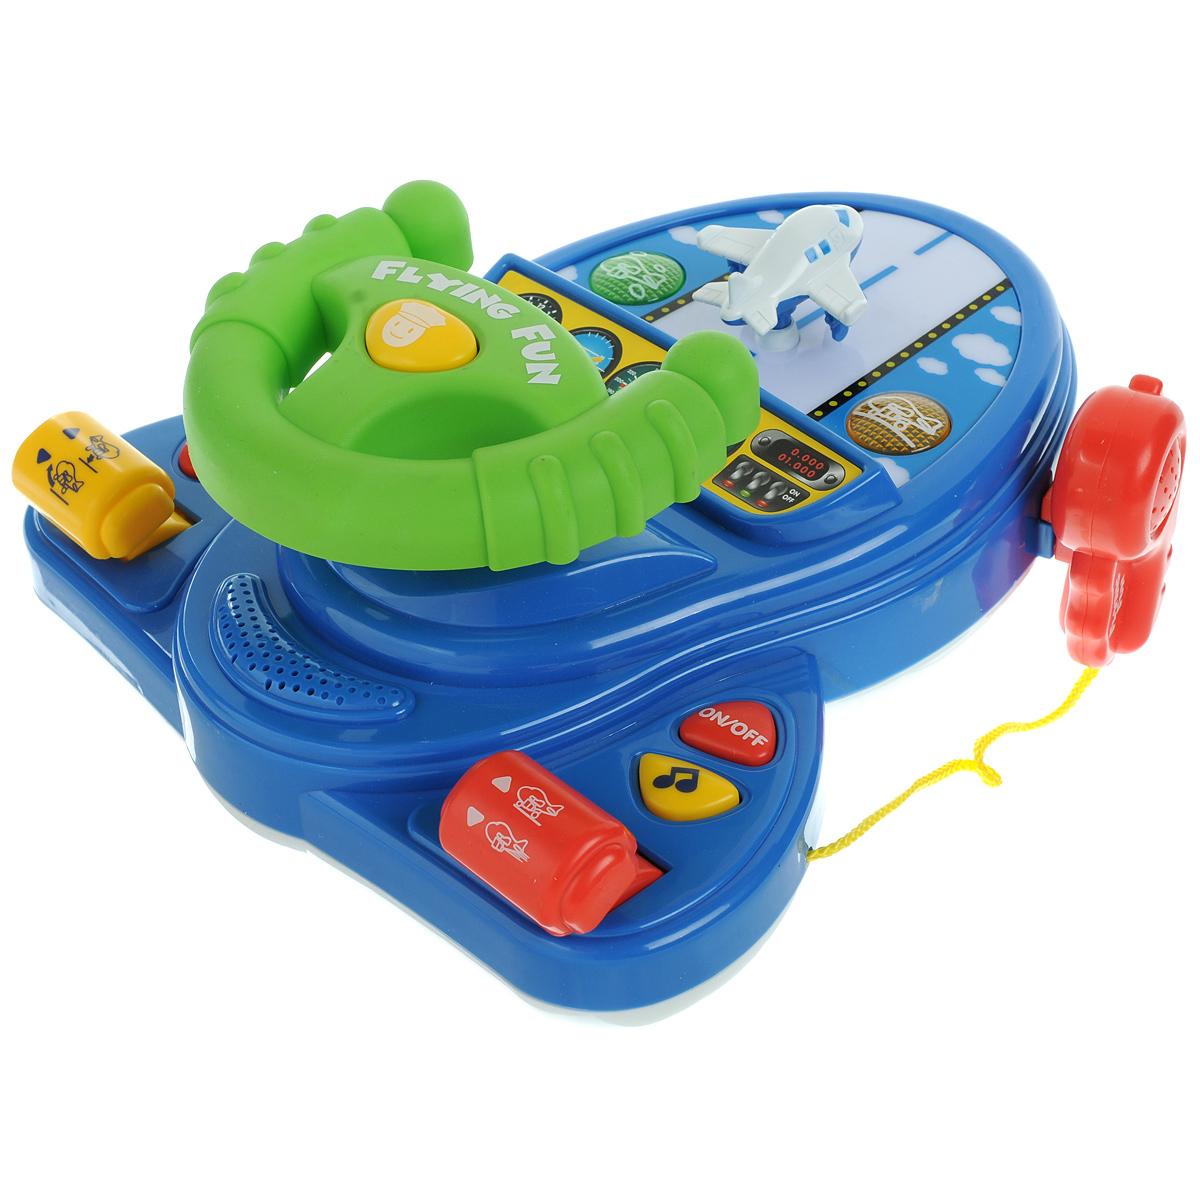 Keenway Развивающая игрушка Занимательное пилотирование13702Развивающая игрушка Keenway Занимательное пилотирование порадует малышей своей реалистичностью. Игрушка выполнена из яркого пластика и представляет собой платформу-тренажер со взлетной полосой для встроенного небольшого самолета, управляемого штурвалом, рацией, двумя рычагами управления, музыкальными кнопками и кнопкой включения/выключения. На штурвале находится кнопка, при нажатии которой звучит шифр на азбуке Морзе. При передвижении рычагов управления самолетом взлетная полоса начинает подсвечиваться, при этом мигают лампочки по ее сторонам и слышны реалистичные звуки летящего самолета. Музыкальные кнопки воспроизводят звуки непристегнутого ремня, сигнала бедствия SOS и веселую мелодию. С этой игрушкой ребенок почувствует себя пилотом, сидящим за настоящим штурвалом, а электронные звуки и световые эффекты добавят игре реалистичности. Развивающая игрушка Keenway Занимательное пилотирование несет в себе огромное количество развивающих функций, которые помогают ребенку...